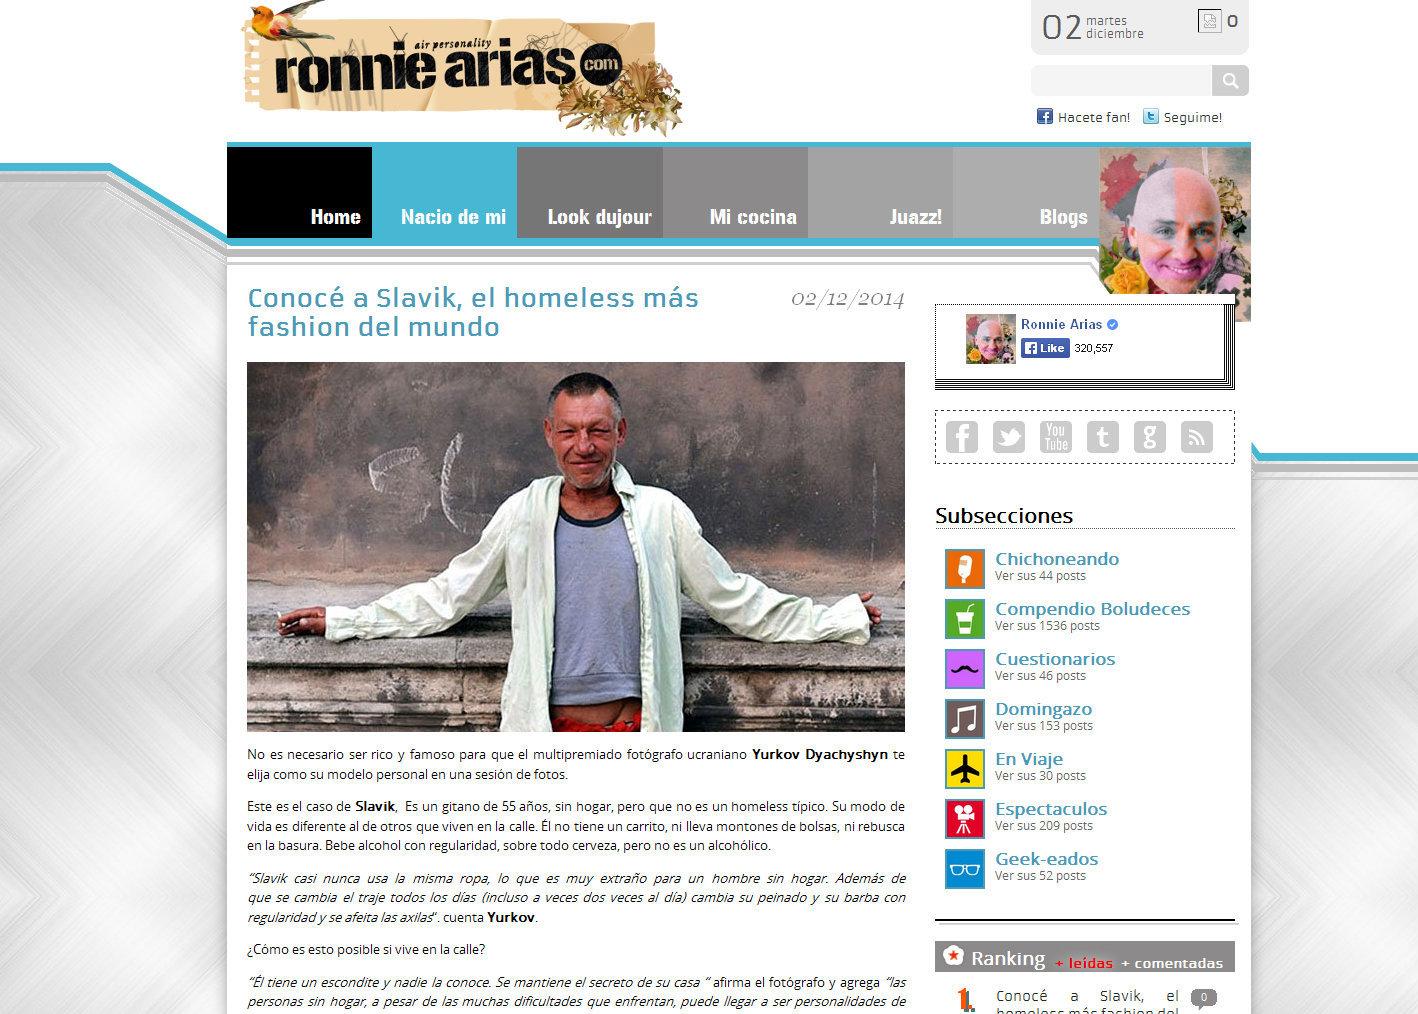 ronniearias_com000.jpg